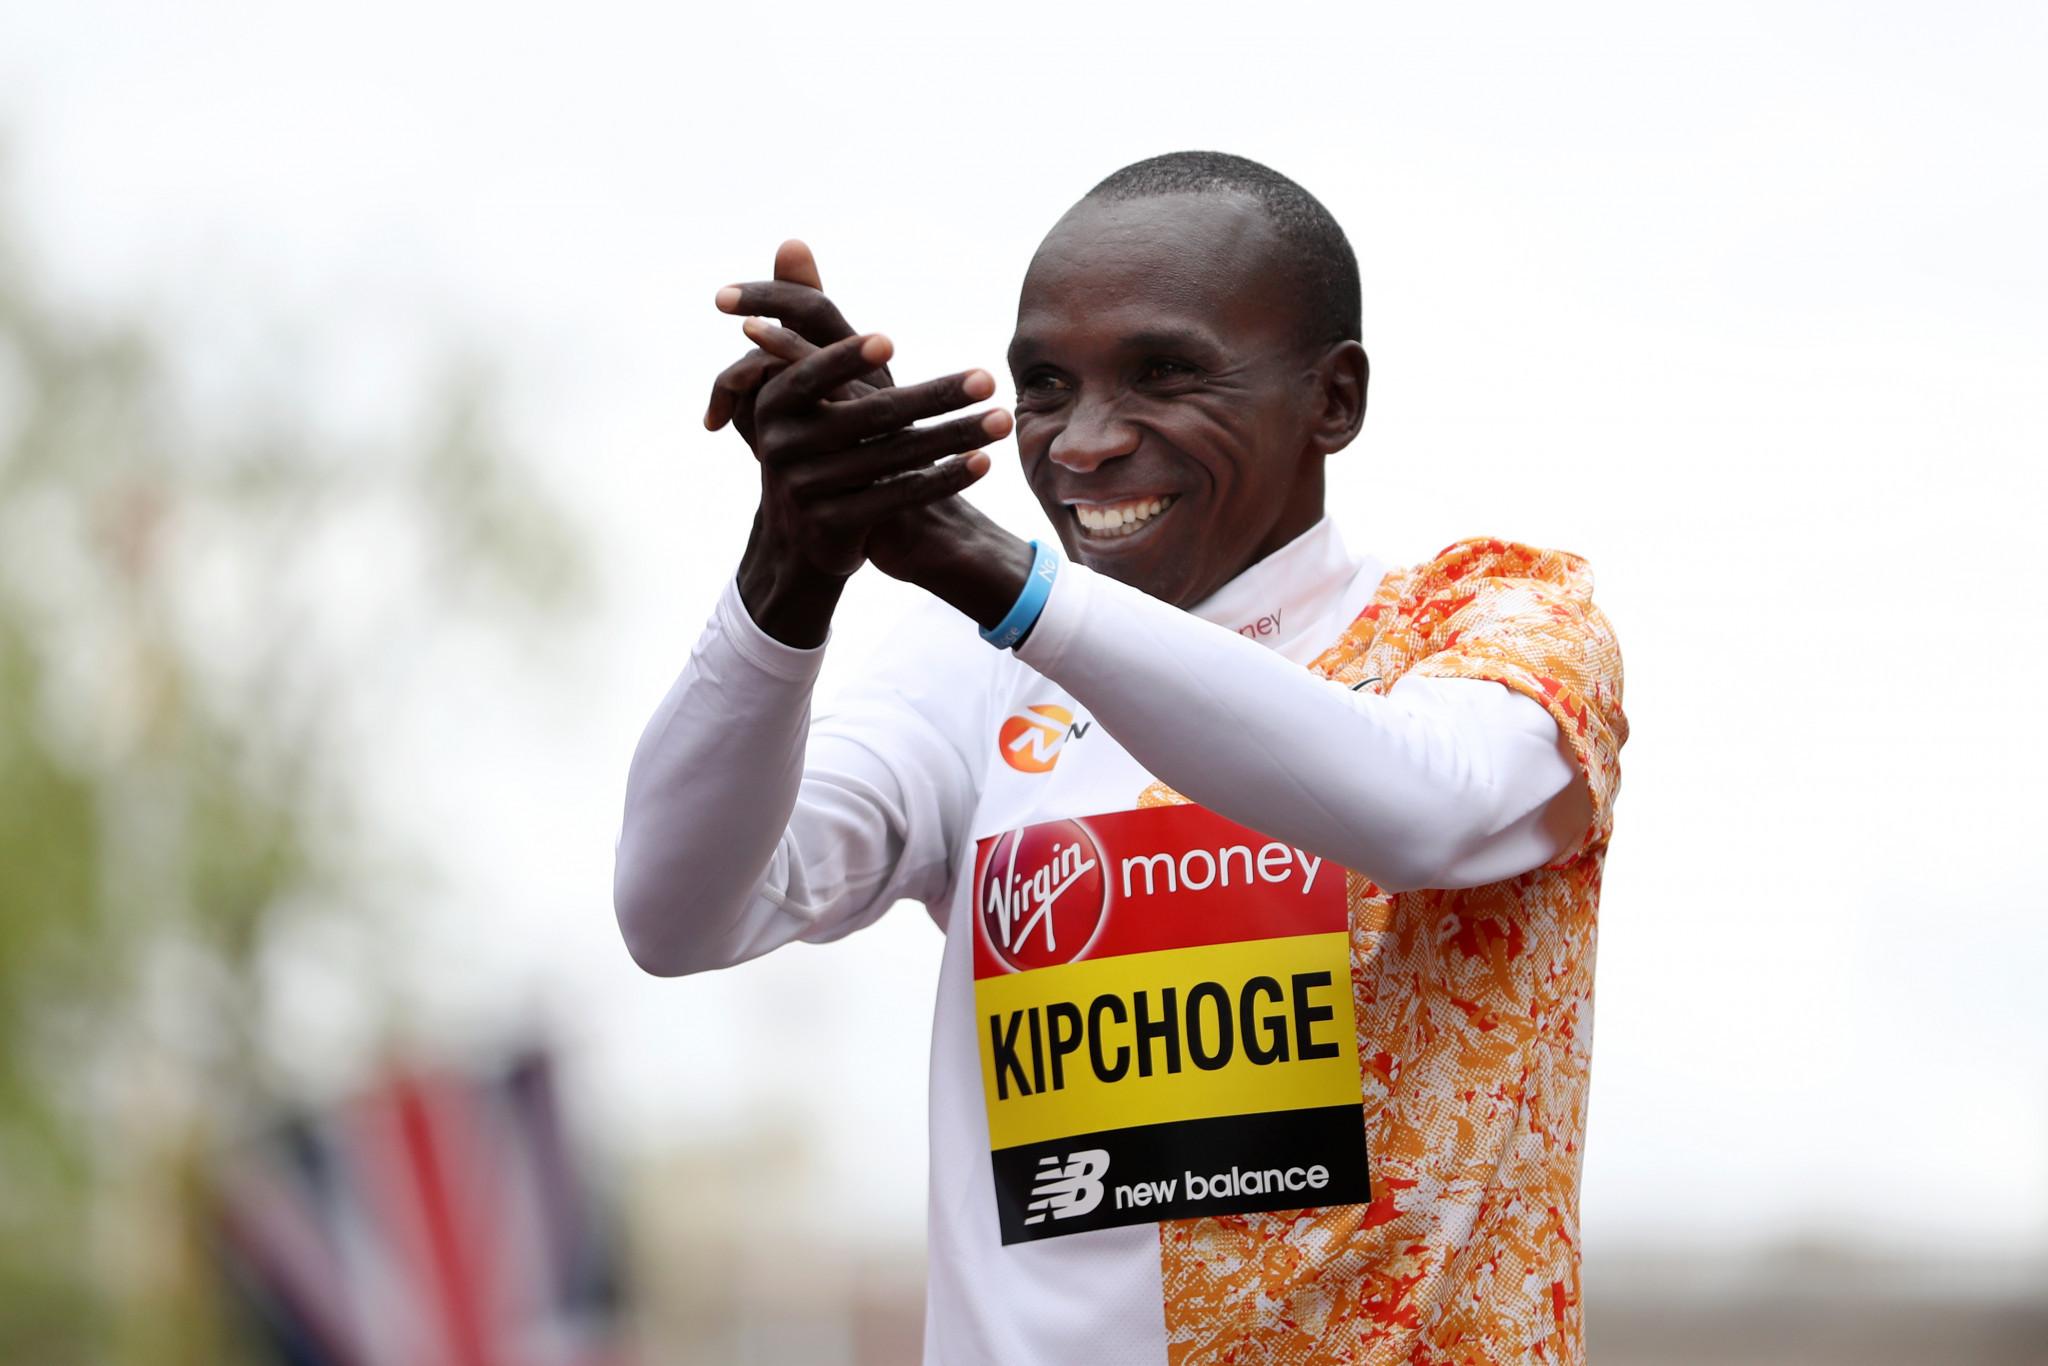 Kipchoge-Bekele showdown on the cards as London Marathon fields confirmed